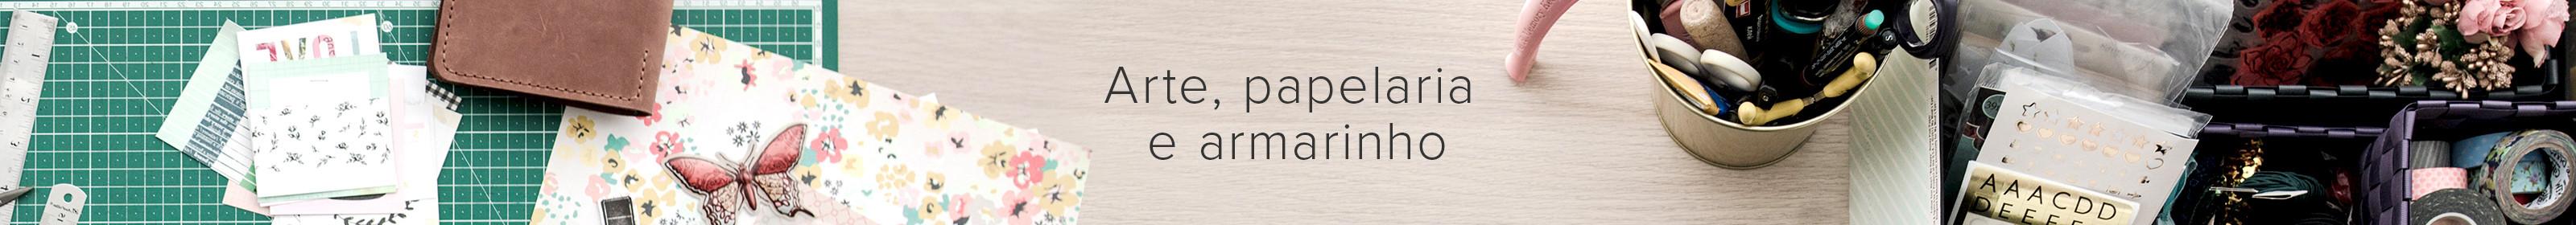 ARTE_PAPELARIA_E_ARMARINHO